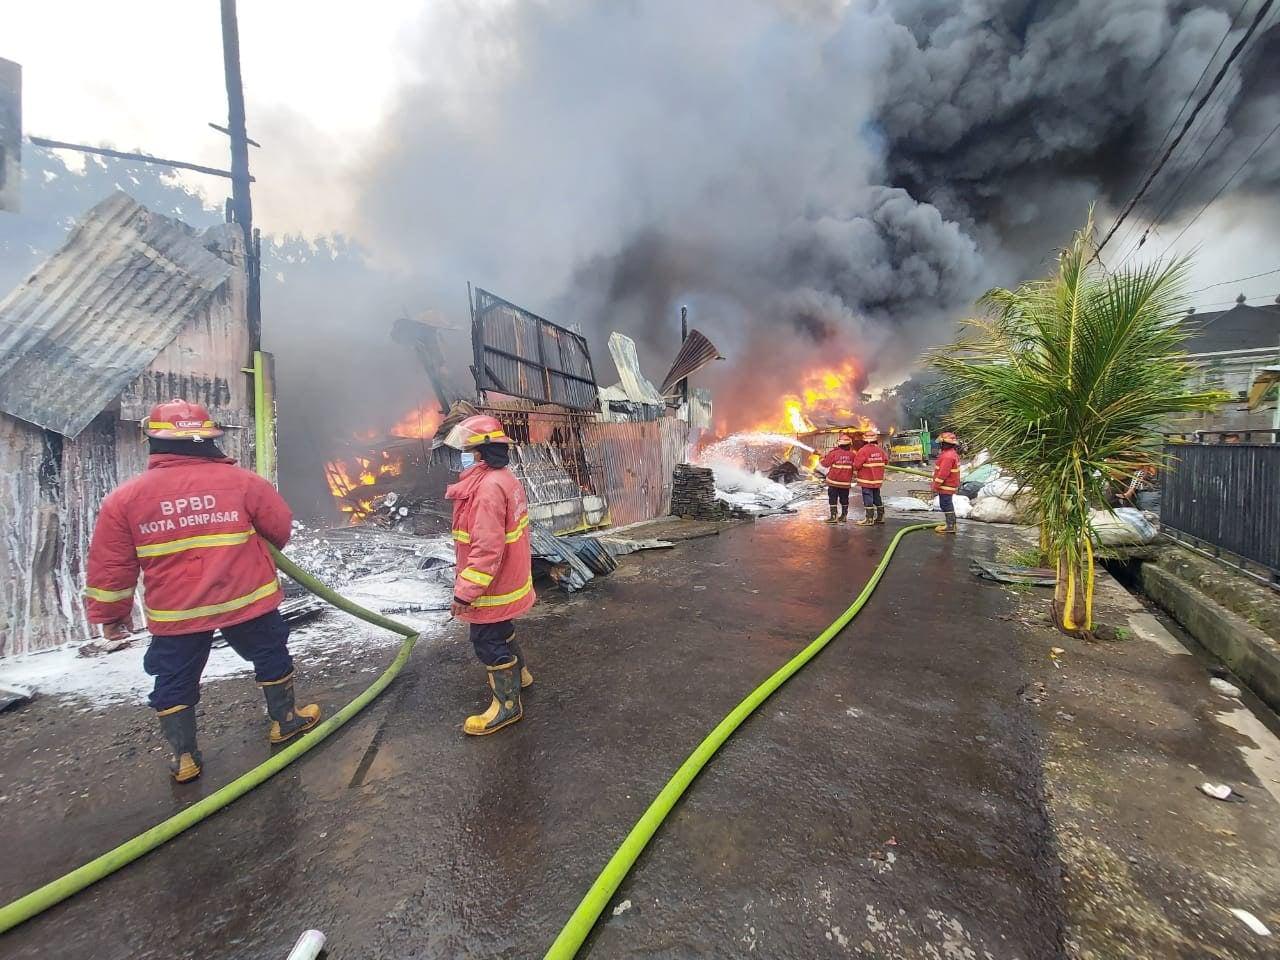 PETUGAS BPBD saat melakukan pemadaman api yang menghanguskan gudang rongsokan di Jalan Monginsidi, Desa Dangin Puri Klod, Kota Denpasar pada Sabtu (6/2/2021). Foto: ist